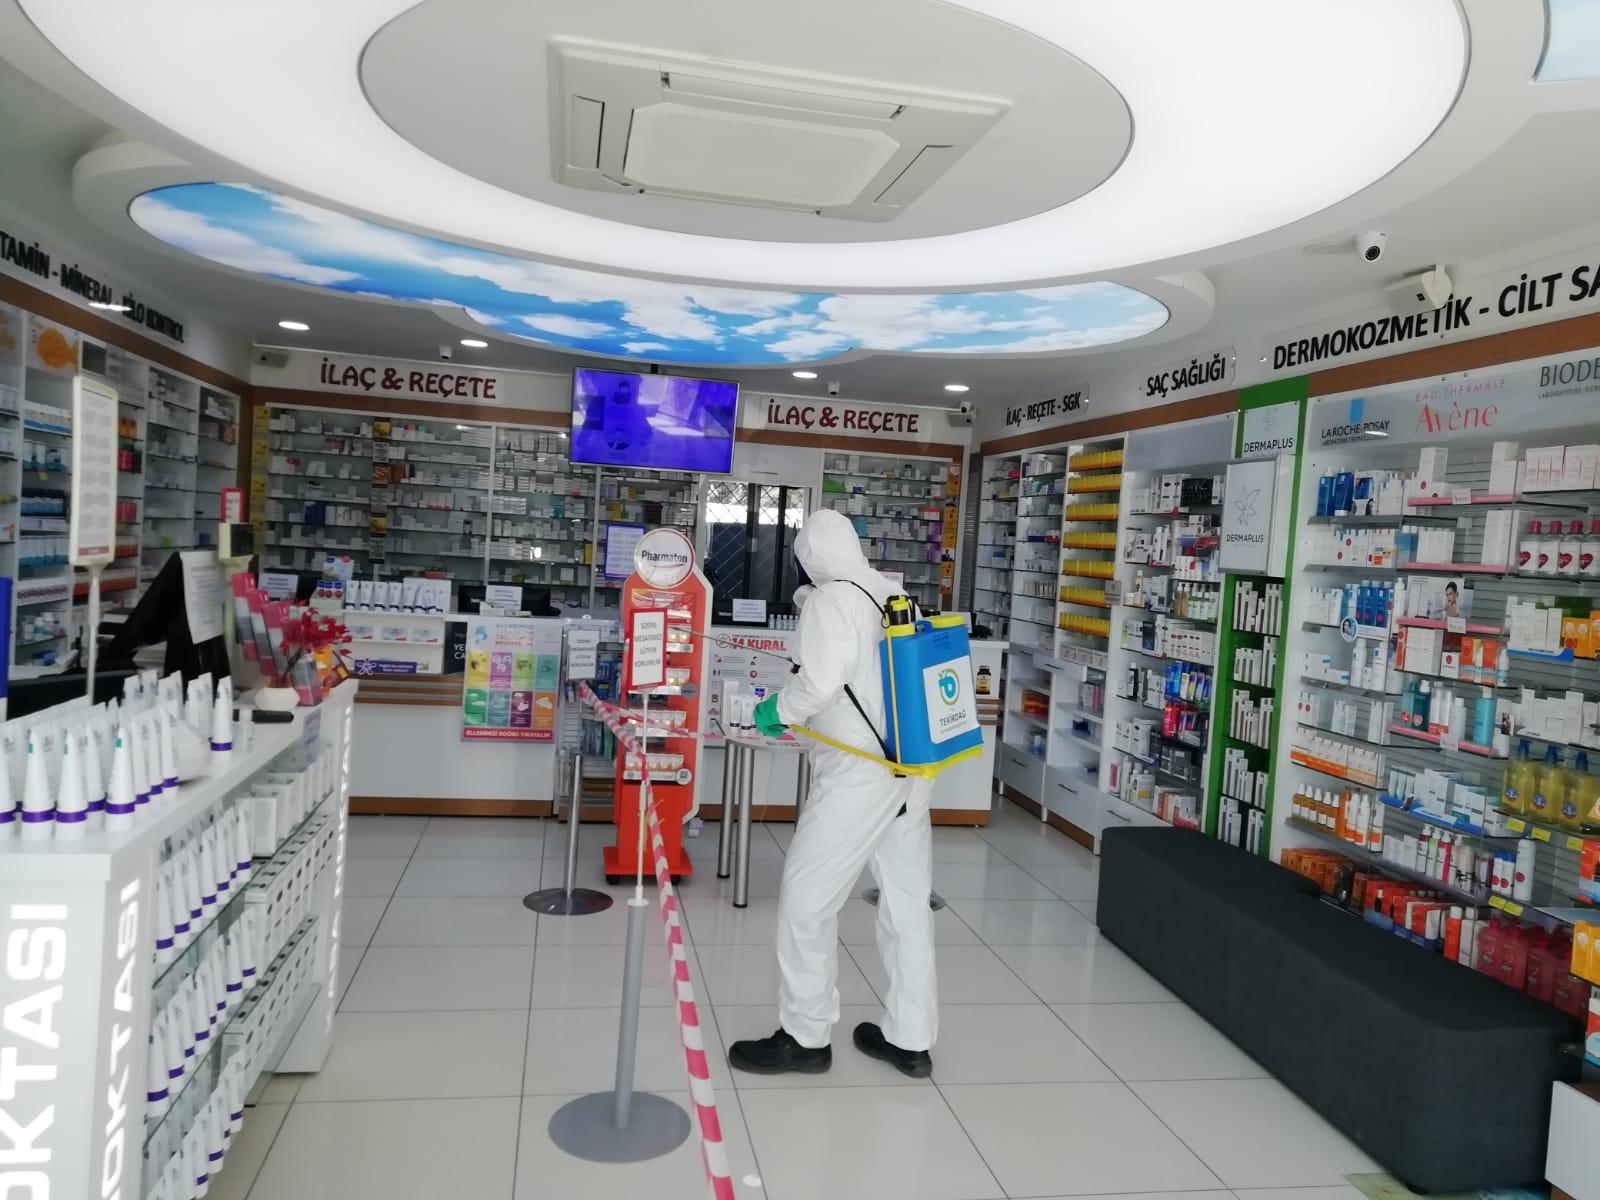 Koronavirüsle Mücadele Kapsamında Dezenfeksiyon İşlemleri Devam Ediyor